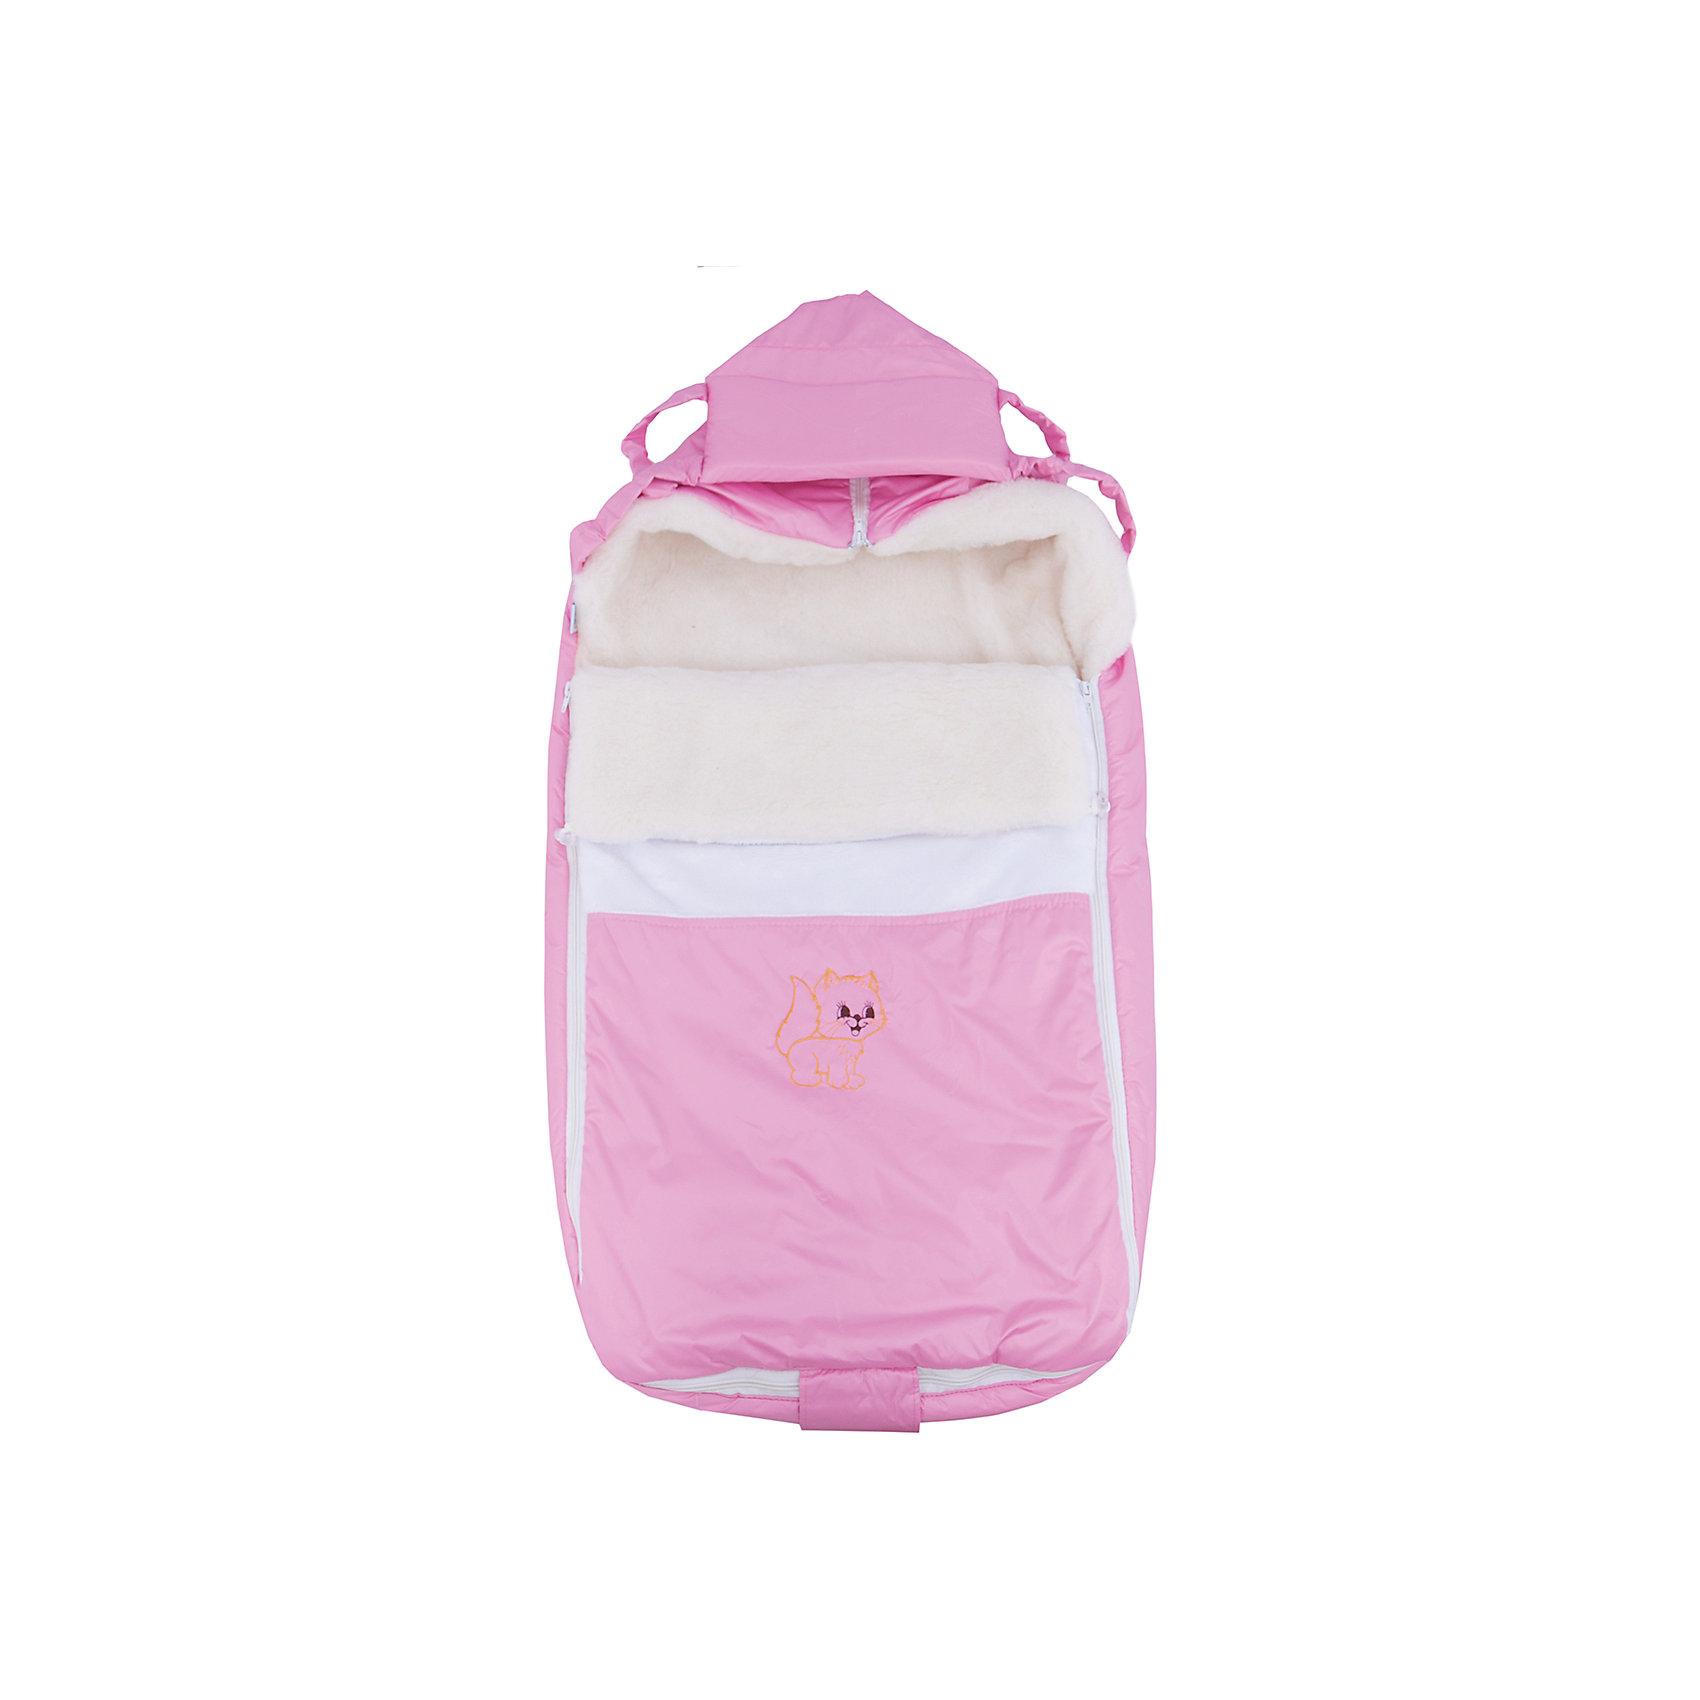 Меховой конверт Ладушка, Топотушки, розовыйЗимние конверты<br>Меховой конверт Ладушка, Топотушки, розовый<br><br>Характеристики:<br><br>-Возраст: от 0 до 7 месяцев<br>-Цвет: розовый<br>-Материал: - влагостойкая ткань снаружи<br>-теплый мех внутри<br><br>Меховой конверт Ладушка, Топотушки, розовый согреет вашего малыша в холодное время года. Благодаря материалу, конверт не промокнет при контакте с водой. Это защитит ребёнка от простуды. В то же время конверт не будет препятствовать поступлению воздуха. По бокам находятся две молнии, поэтому вы сможете быстро и удобно расстегнуть конверт, не потревожив малыша. Конверт трансформируется в плед или теплую подкладку. С меховым конвертом Ладушка прогулки вашего малыша станут теплыми и комфортными. <br><br>Меховой конверт Ладушка, Топотушки, розовый можно приобрести в нашем интернет-магазине.<br><br>Ширина мм: 780<br>Глубина мм: 420<br>Высота мм: 50<br>Вес г: 500<br>Возраст от месяцев: 0<br>Возраст до месяцев: 7<br>Пол: Женский<br>Возраст: Детский<br>SKU: 5086346